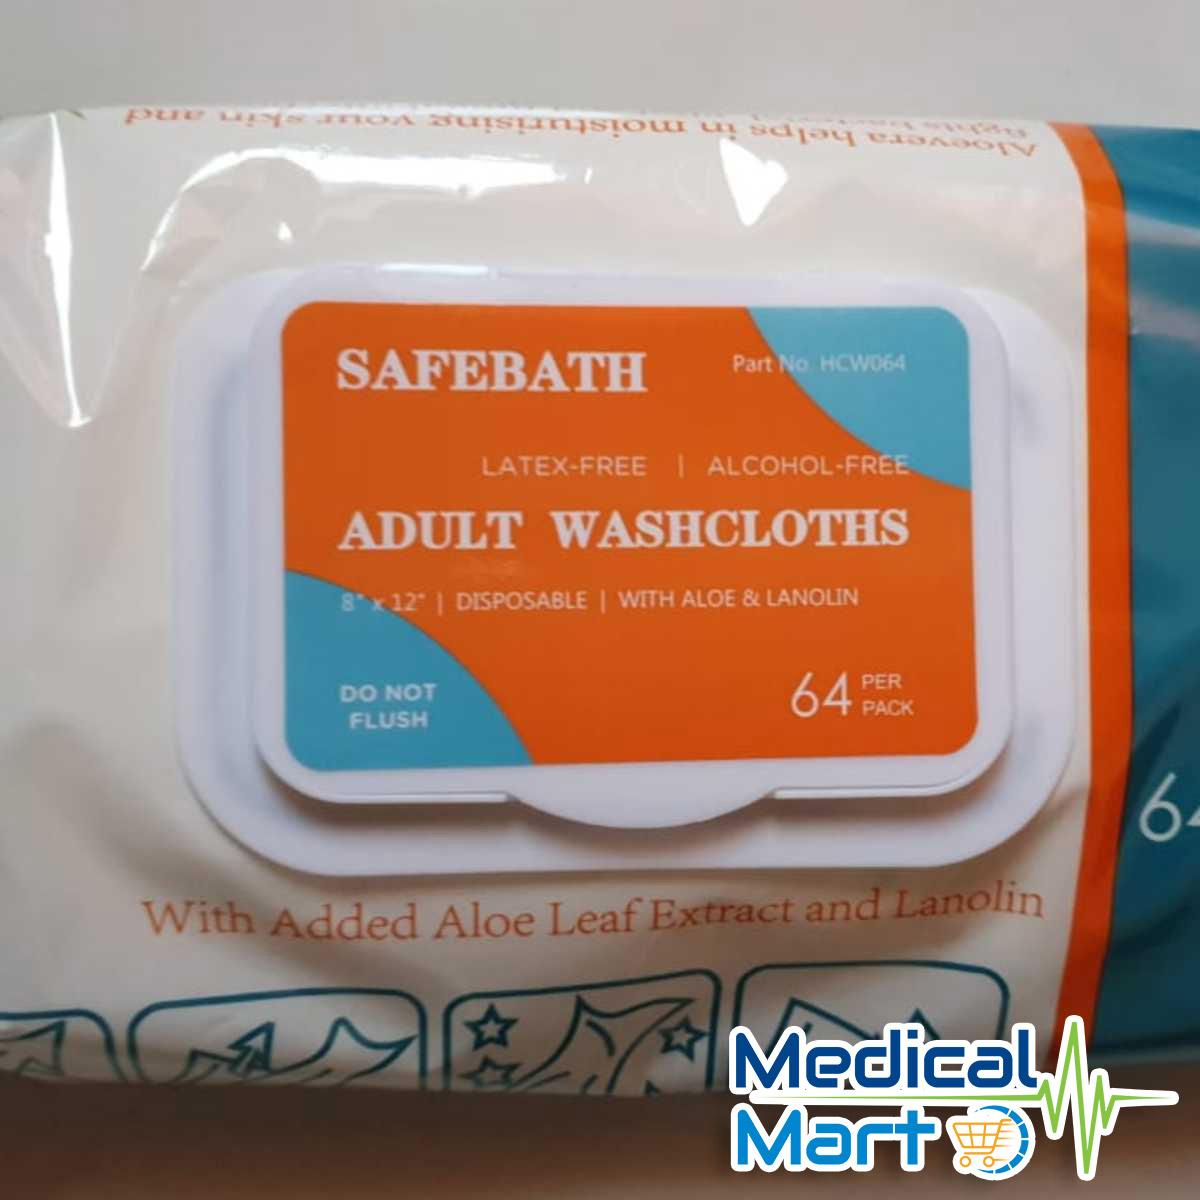 Safebath Adult Washcloths